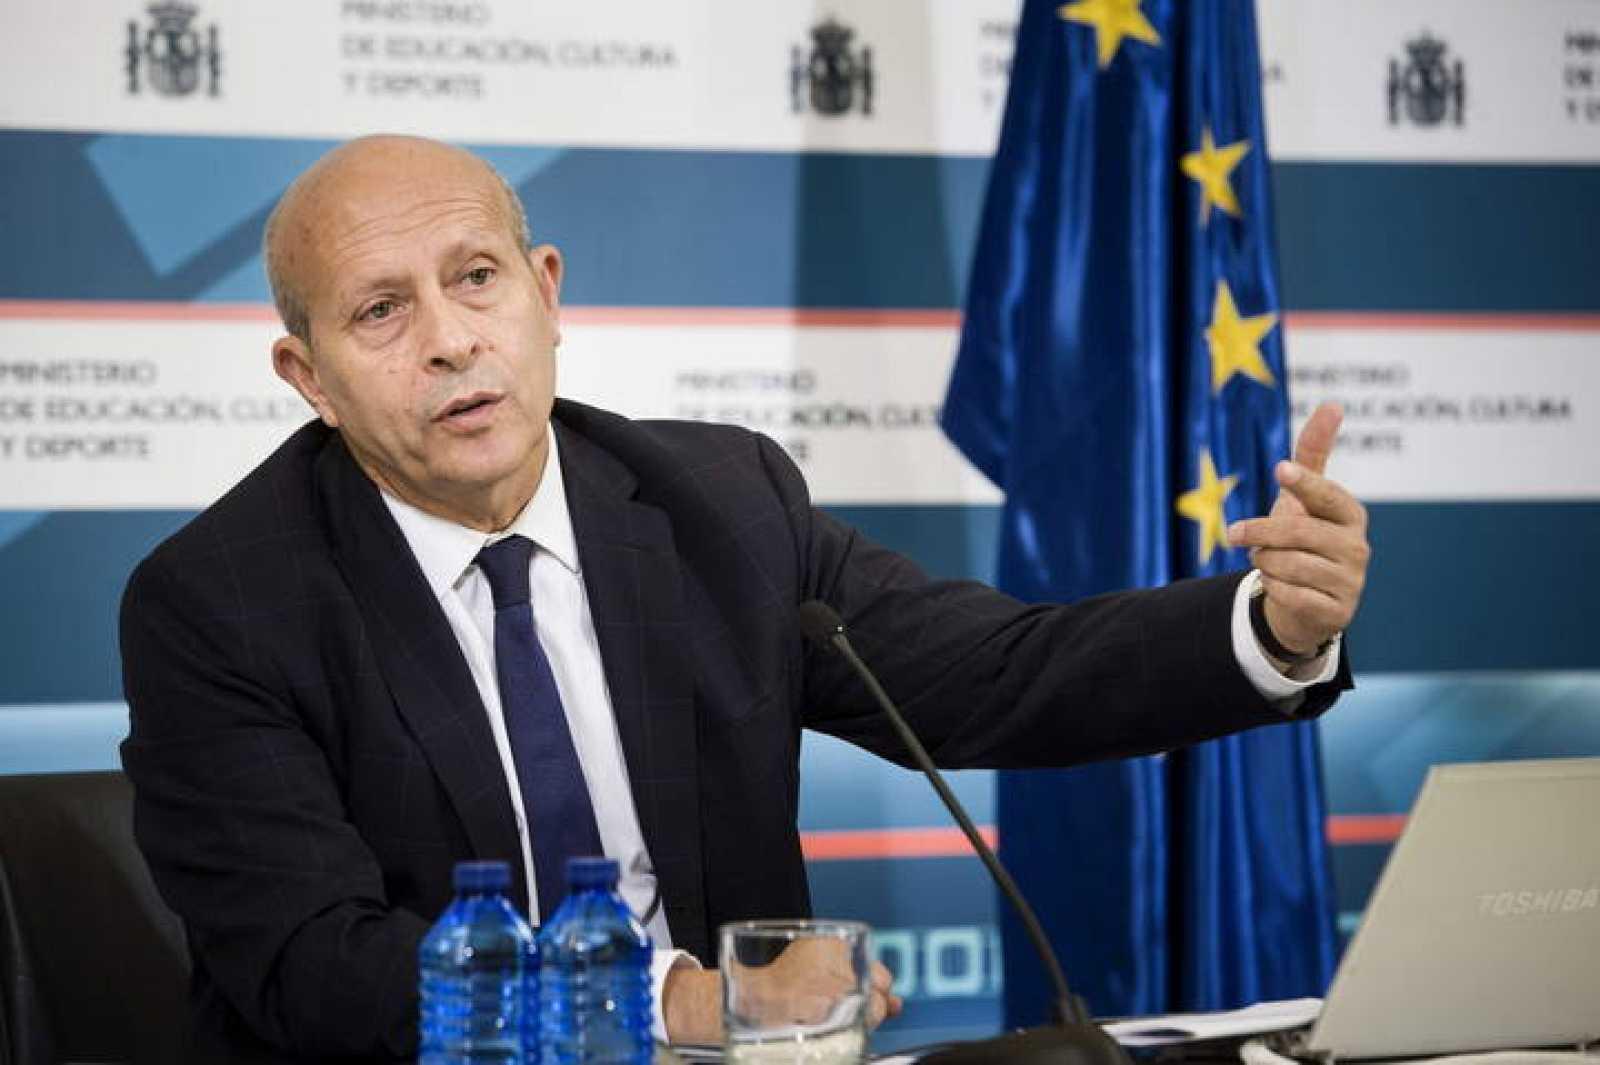 El ministro de Educación, Cultura y Deporte, José Ignacio Wert, presentando el informe del curso escolar.